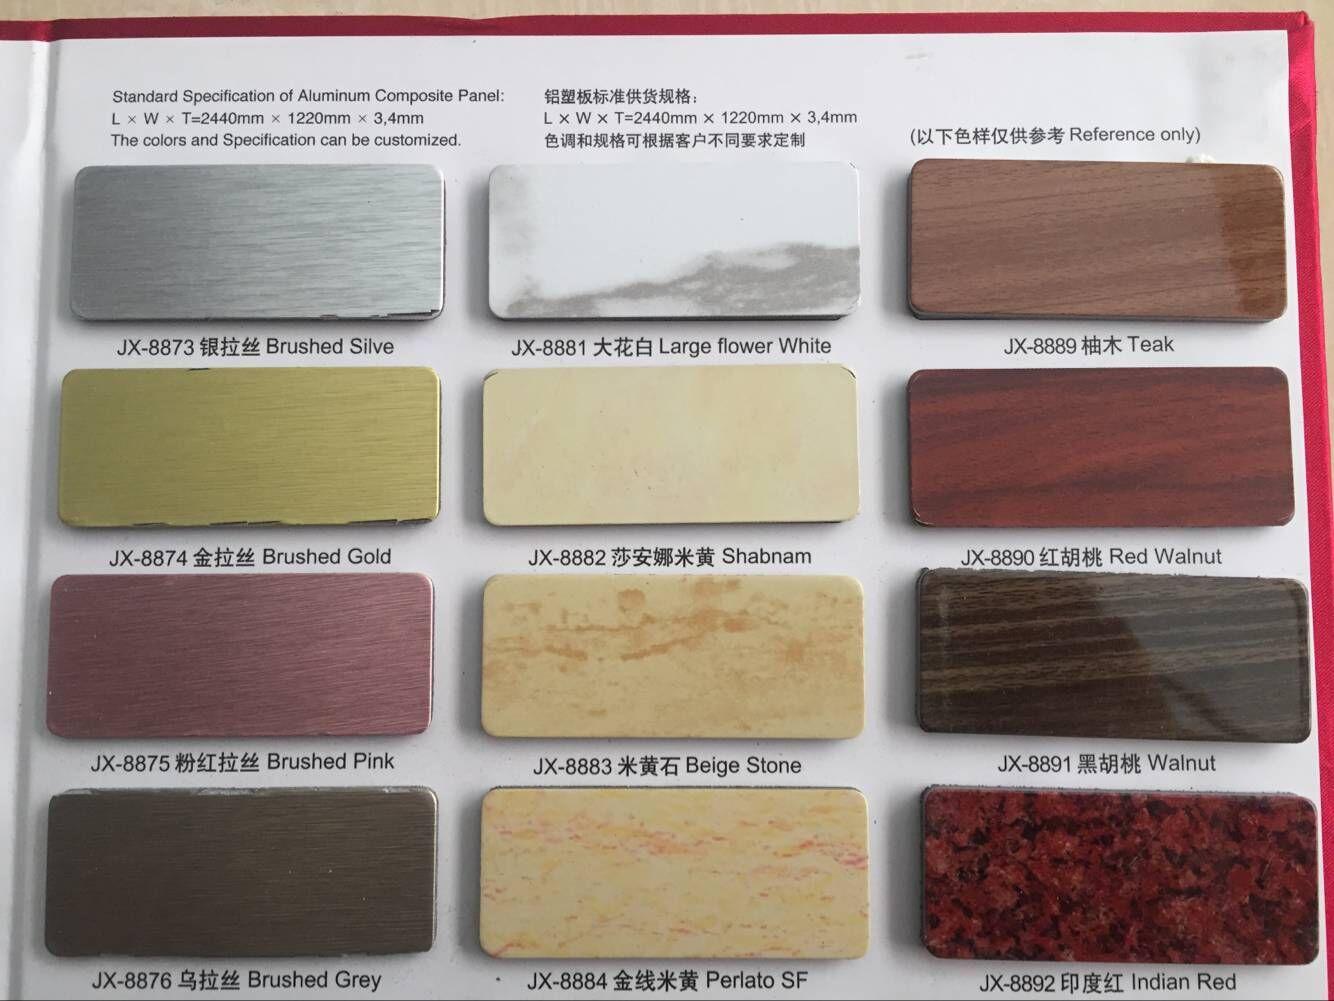 Paredes de paneles de aluminio dentro de la pared 2.8mm auspicioso anuncio de decoración exterior colgando de la venta directa de la fábrica